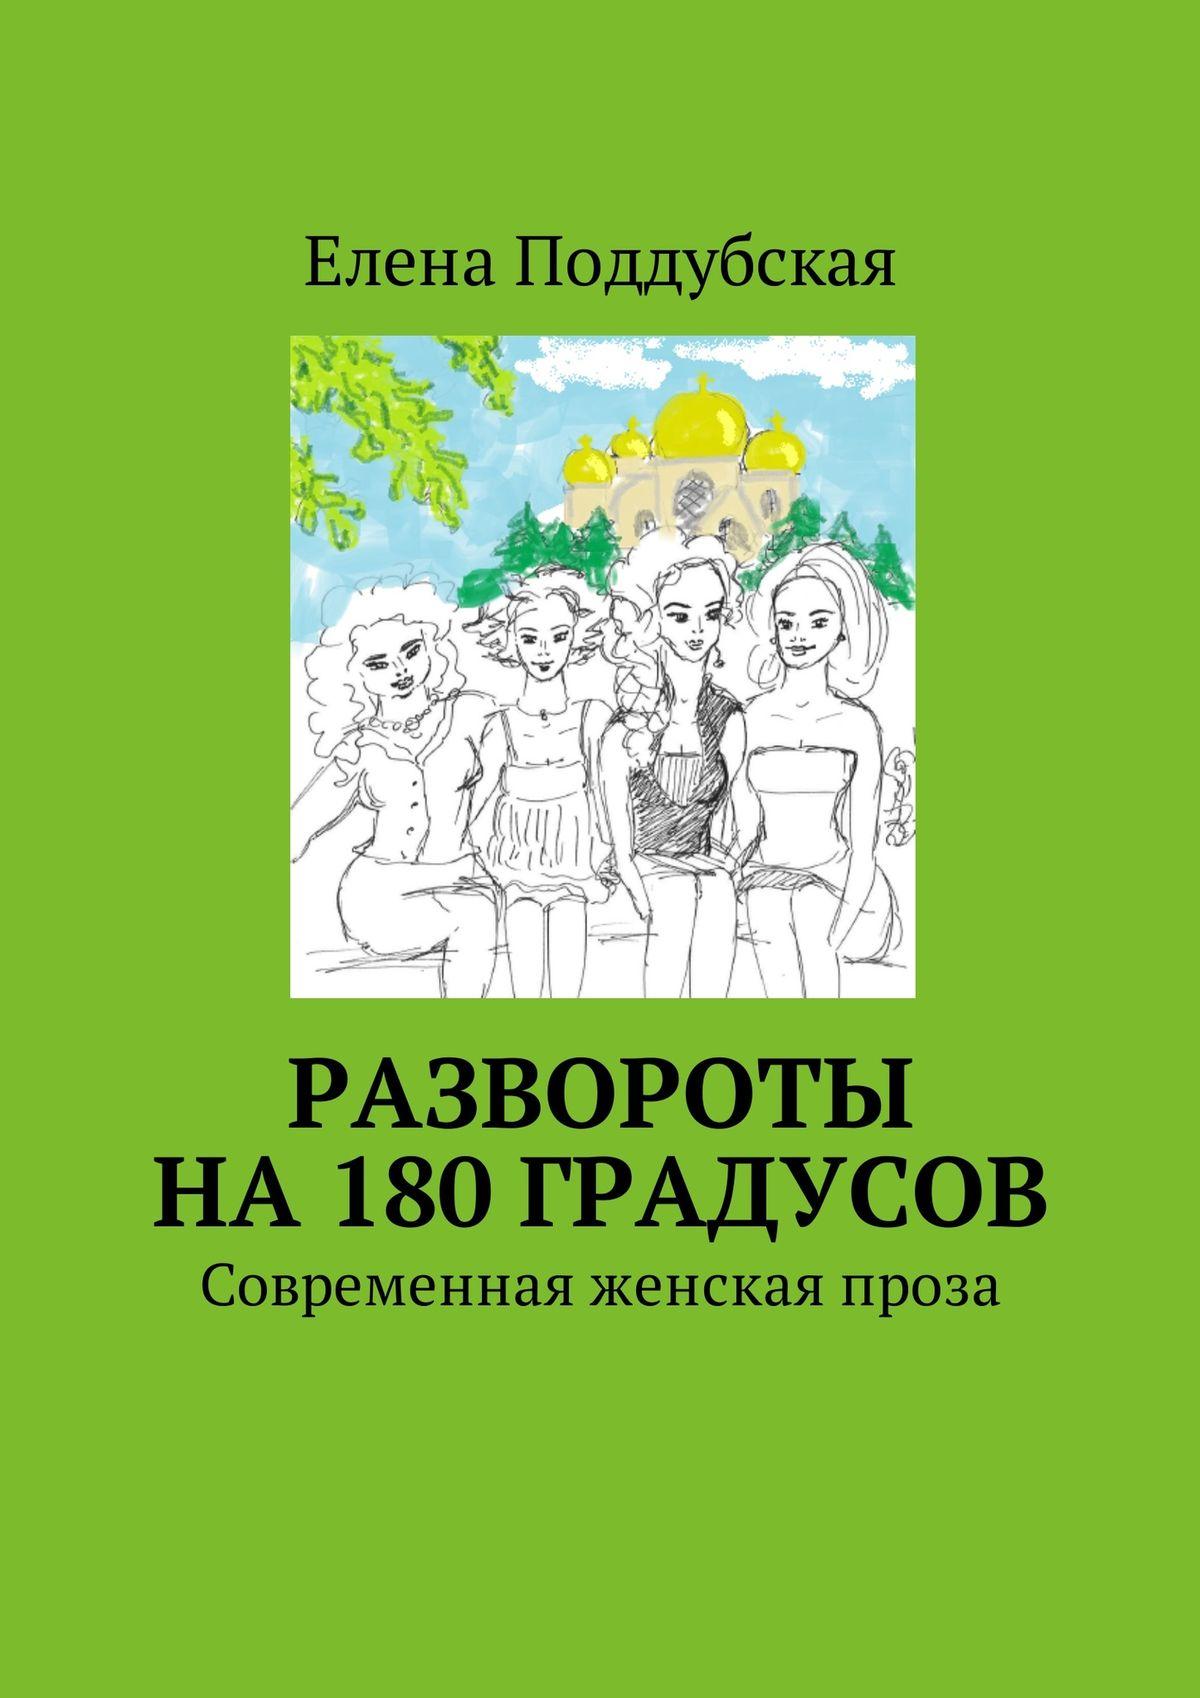 Развороты на180градусов. Современная женская проза